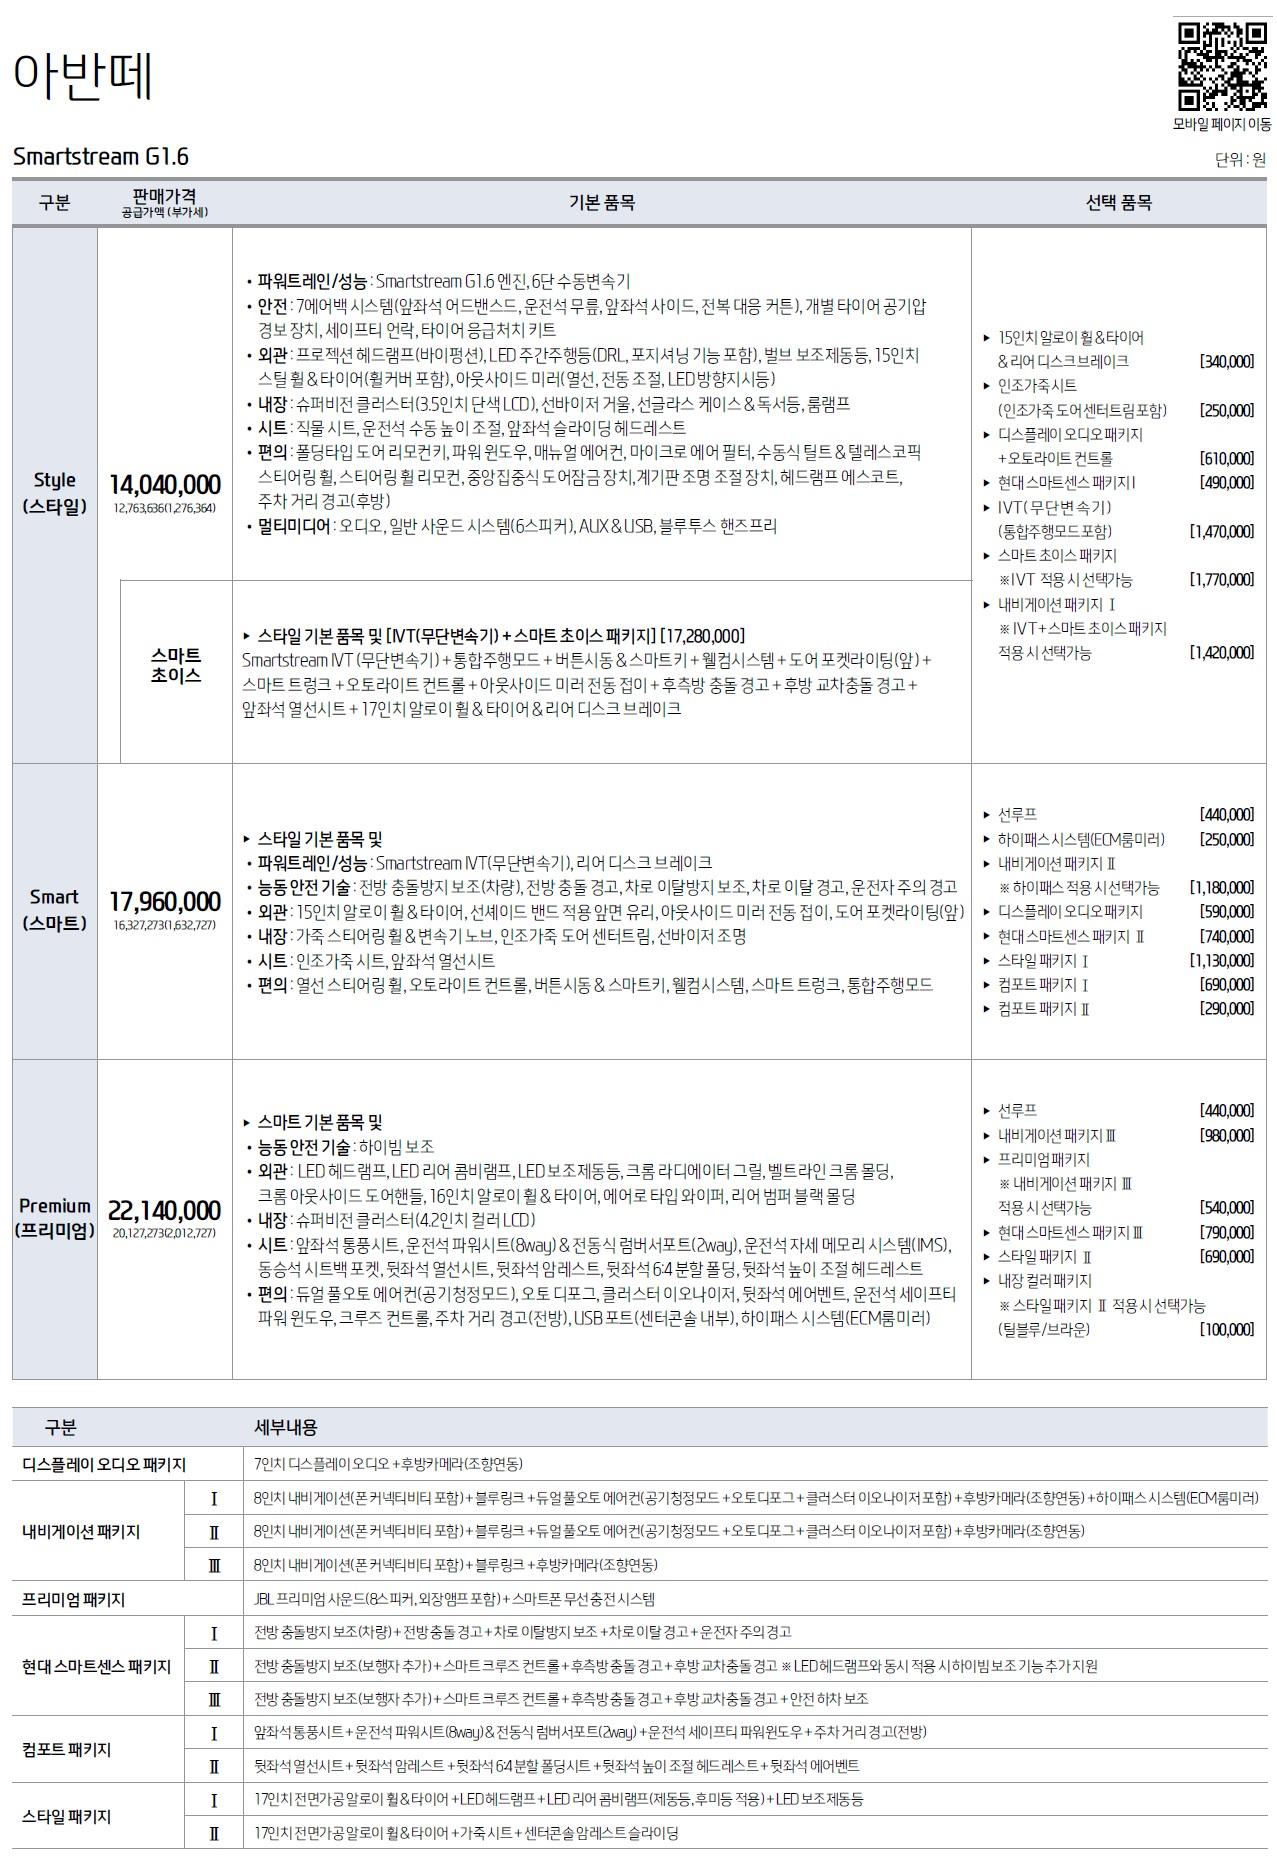 더뉴아반떼 가격표 - 2018년 9월 -1.jpg